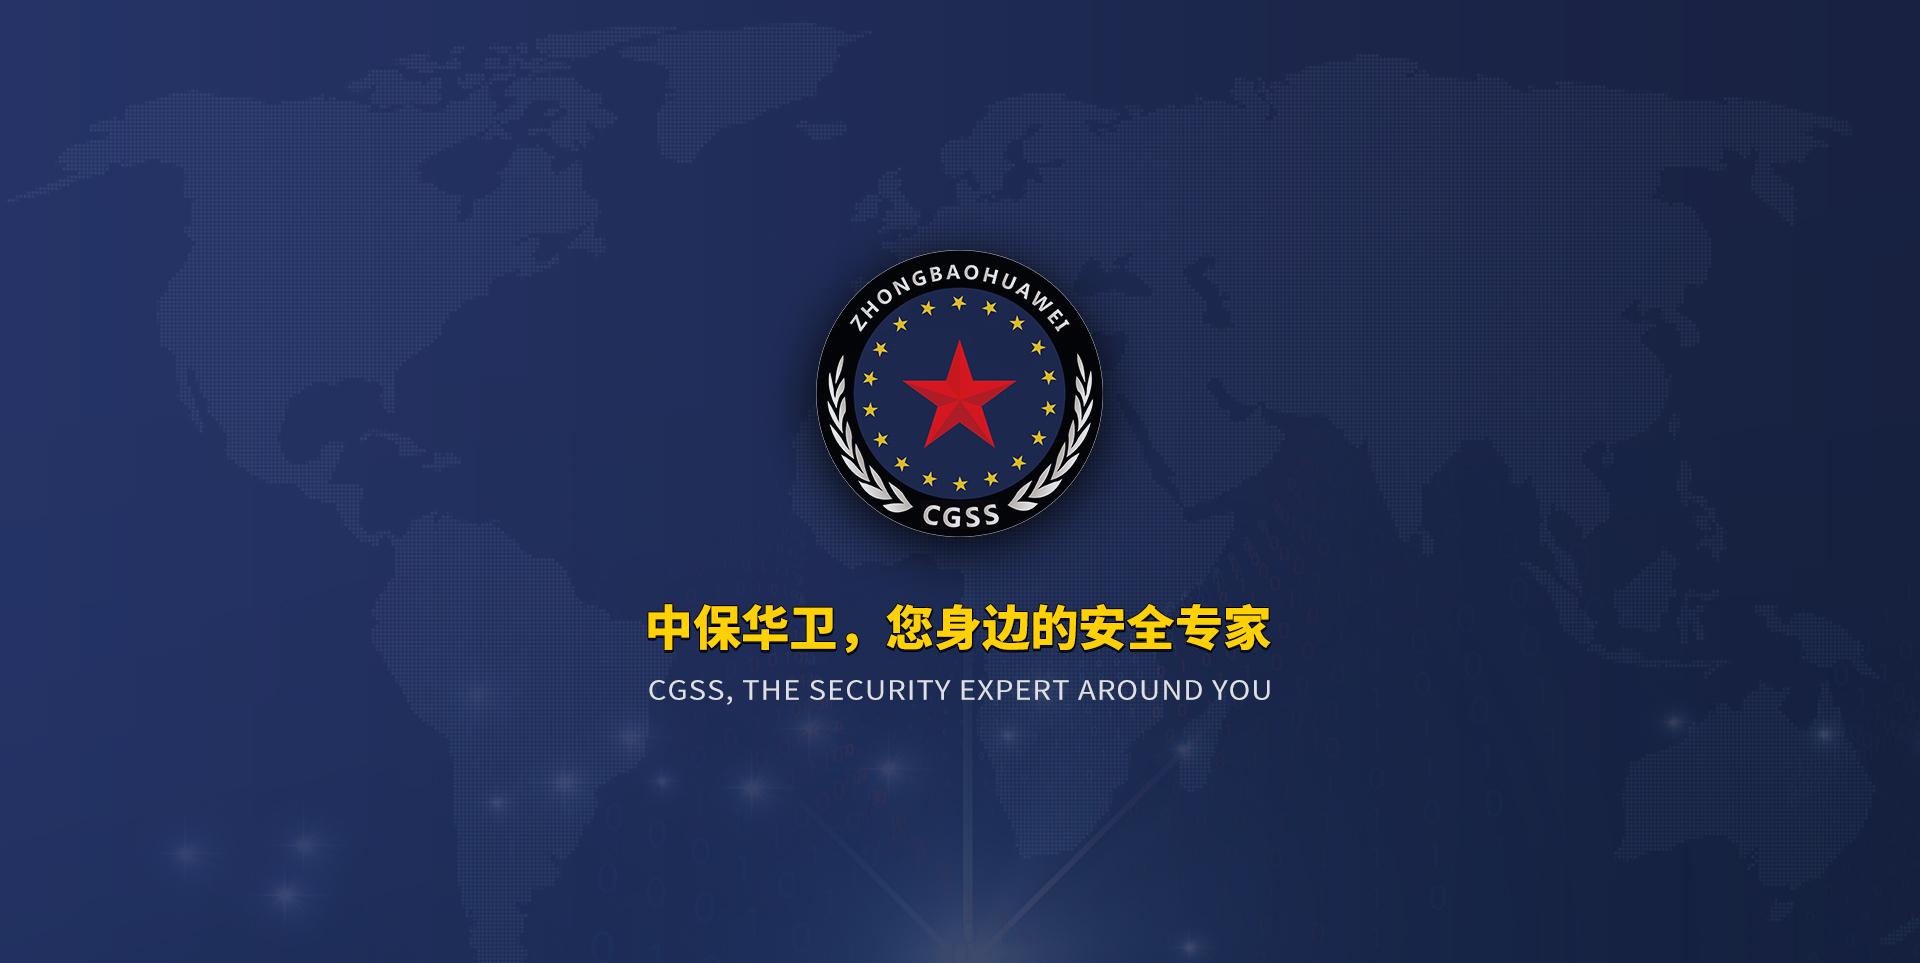 企业保安服务,保安服务方案,私人保镖服务